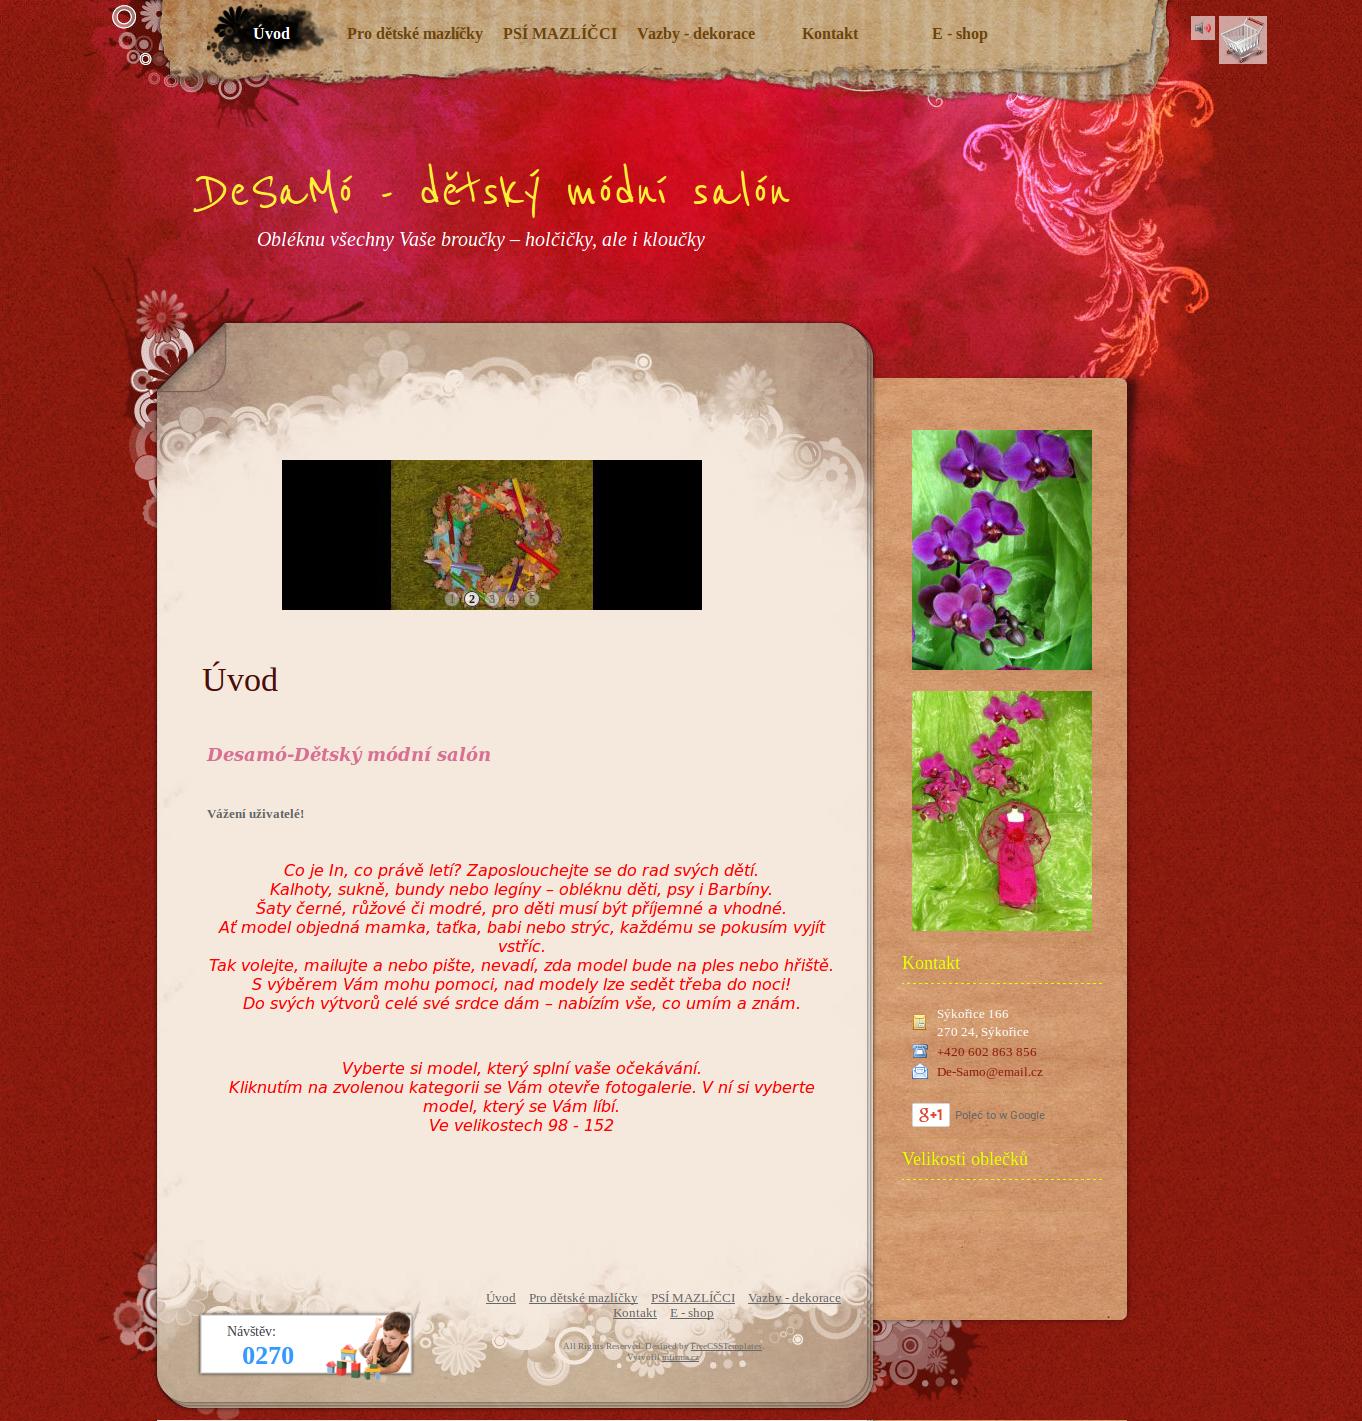 Příklad webové stránky - Desamo-Dětský módní salón